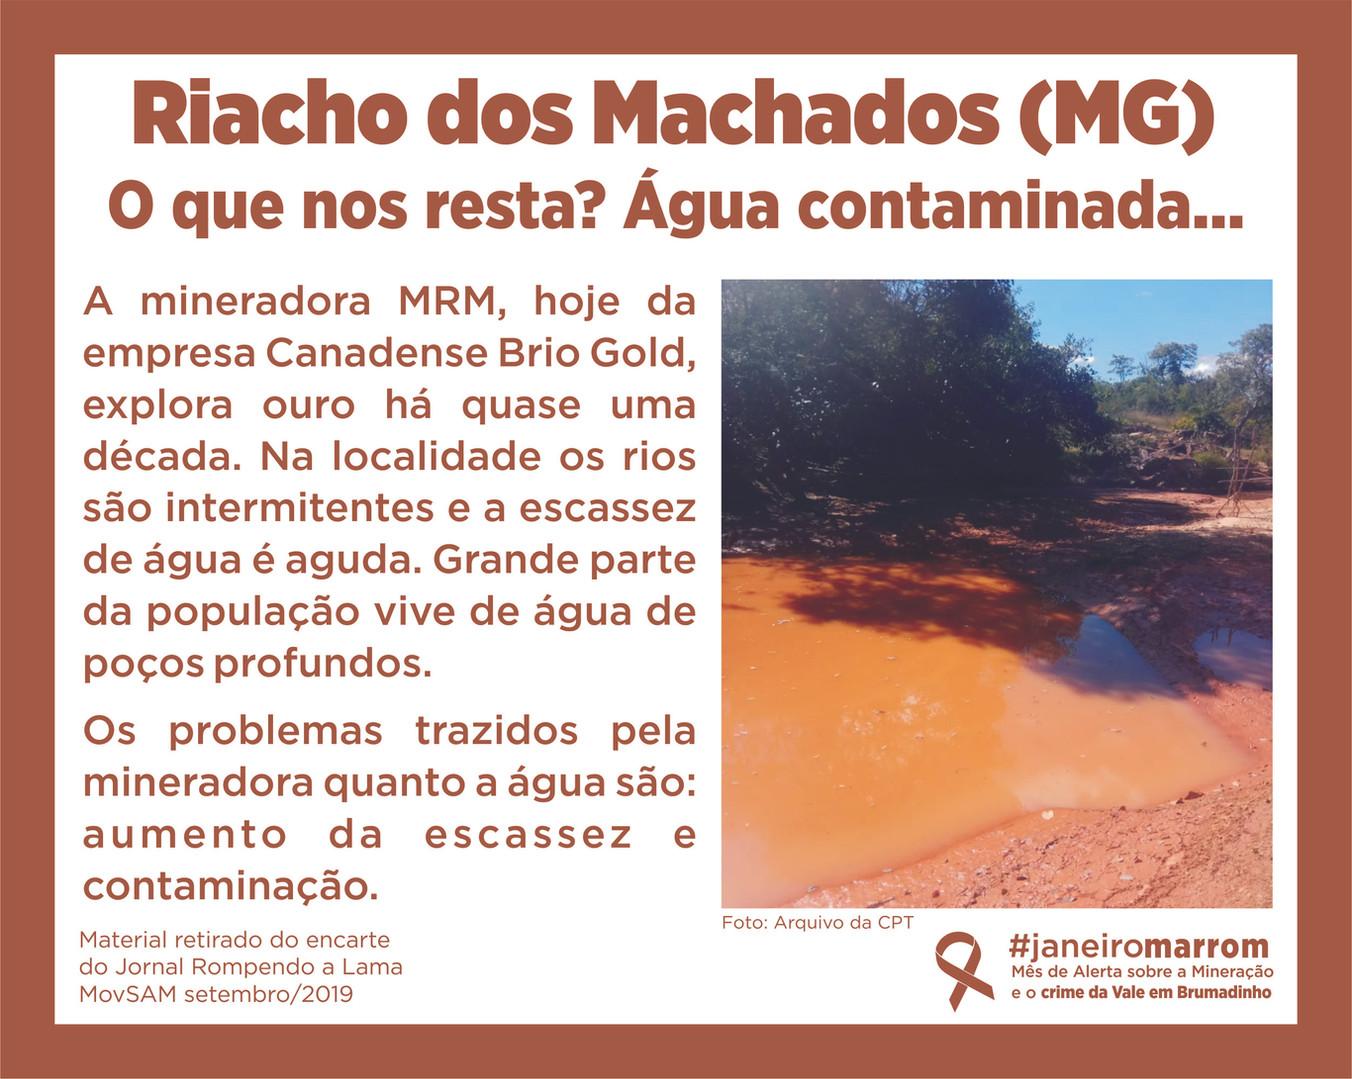 Riacho dos Machados.jpg